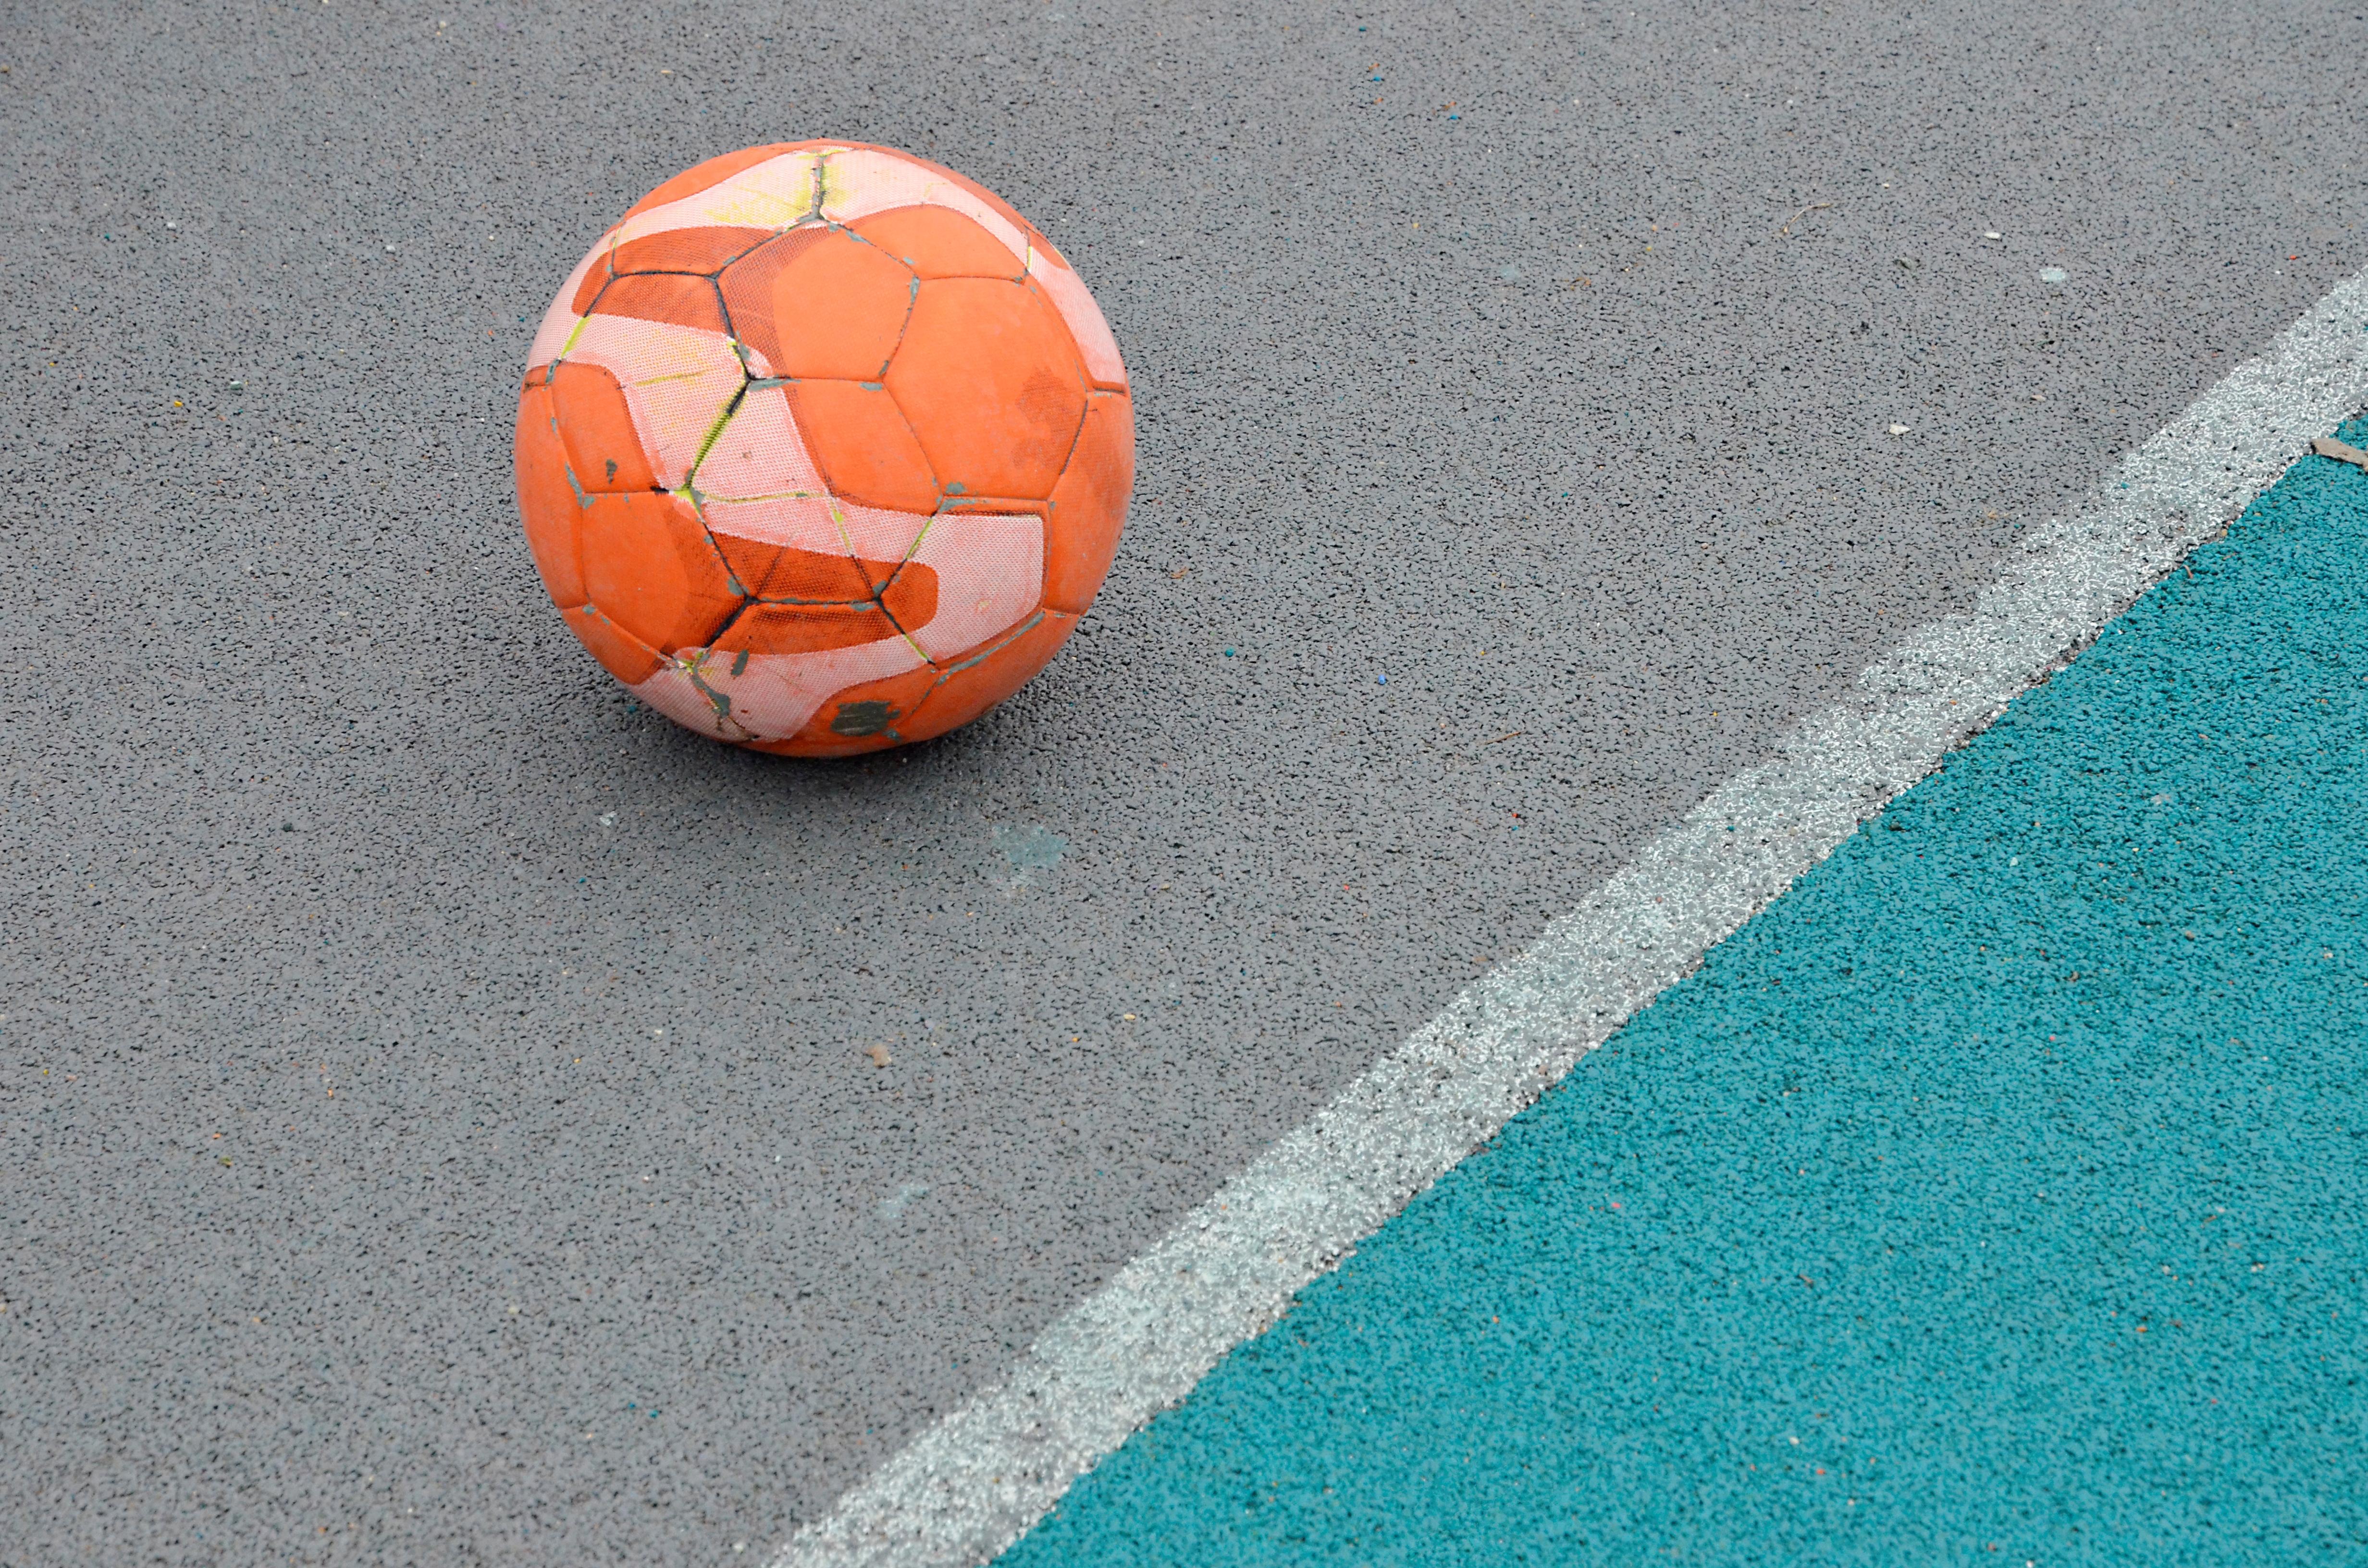 Турнир по мини-футболу провели в поселении Краснопахорское